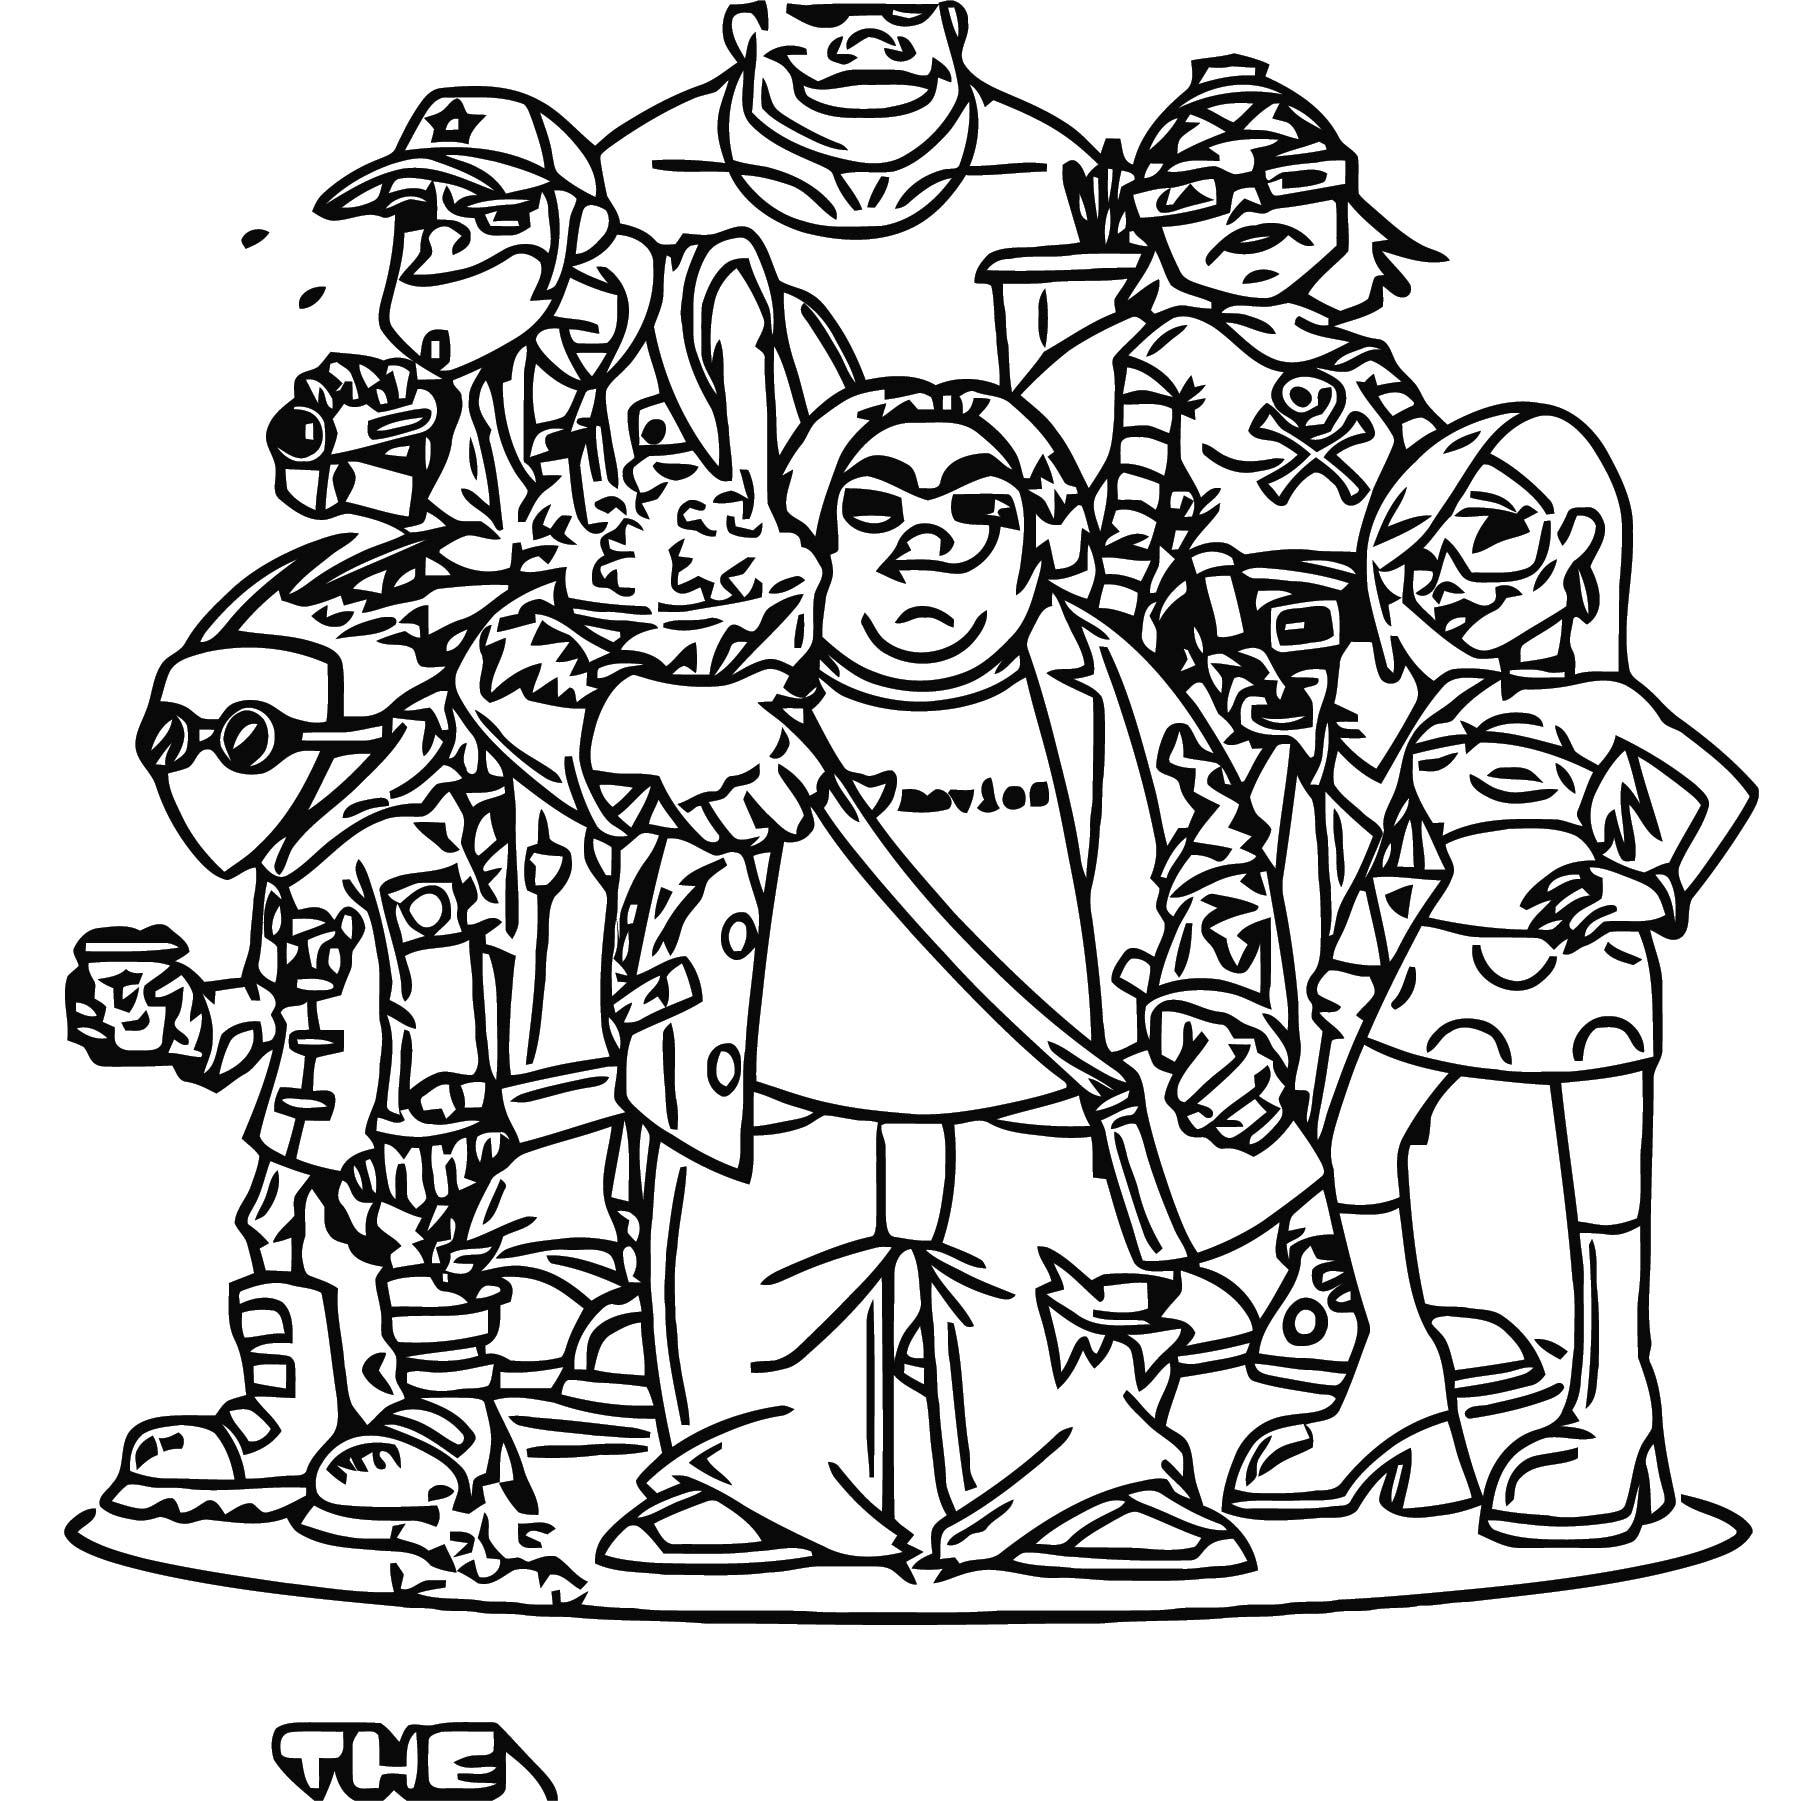 Film Squad 660x660 Cartoonize Coloring Page